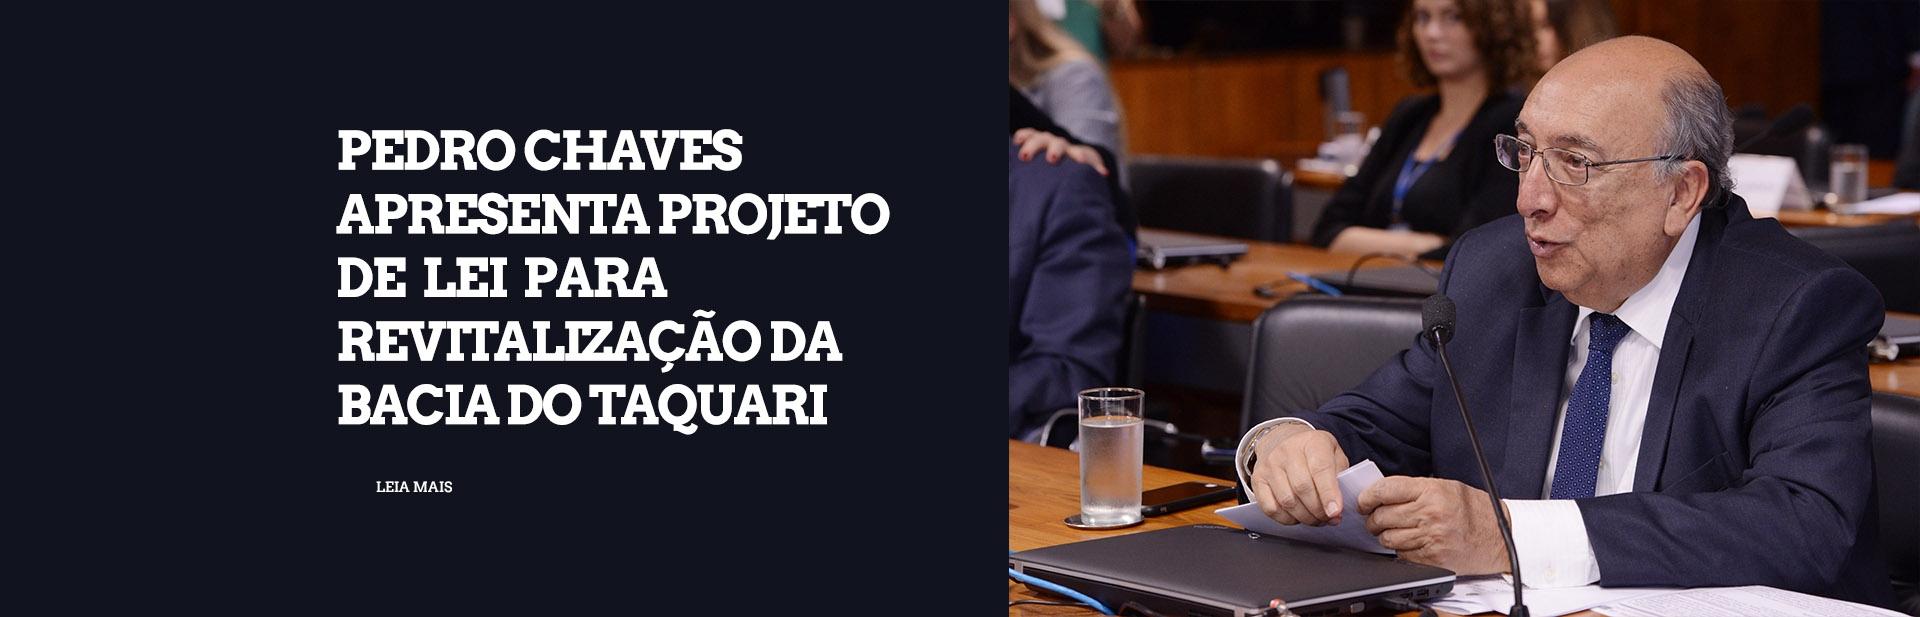 Pedro Chaves apresenta projeto de lei para revitalização da Bacia do Taquari